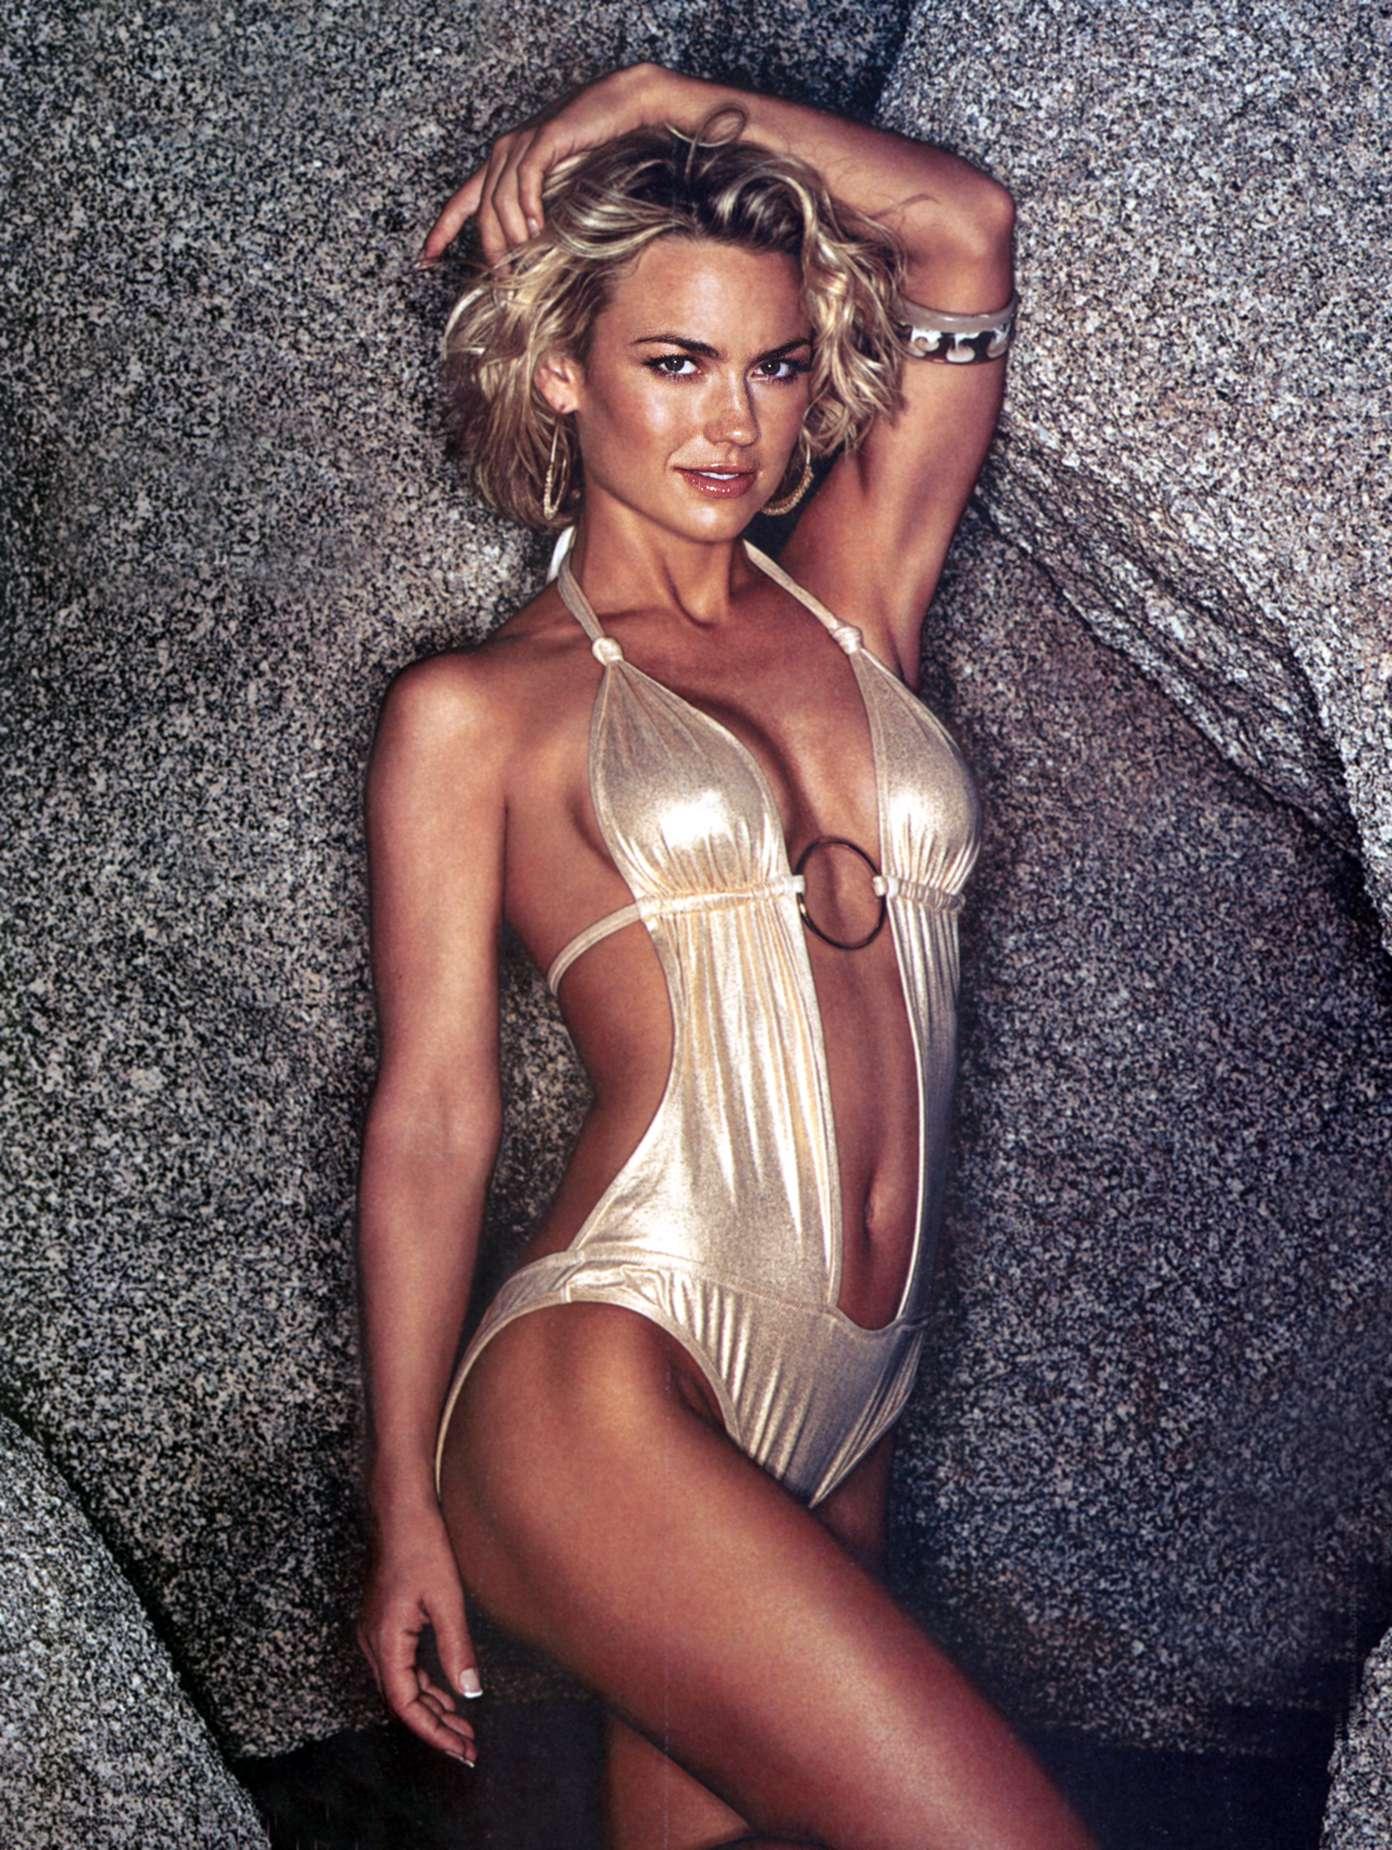 Could kelly carlson nude photos love ladyboys